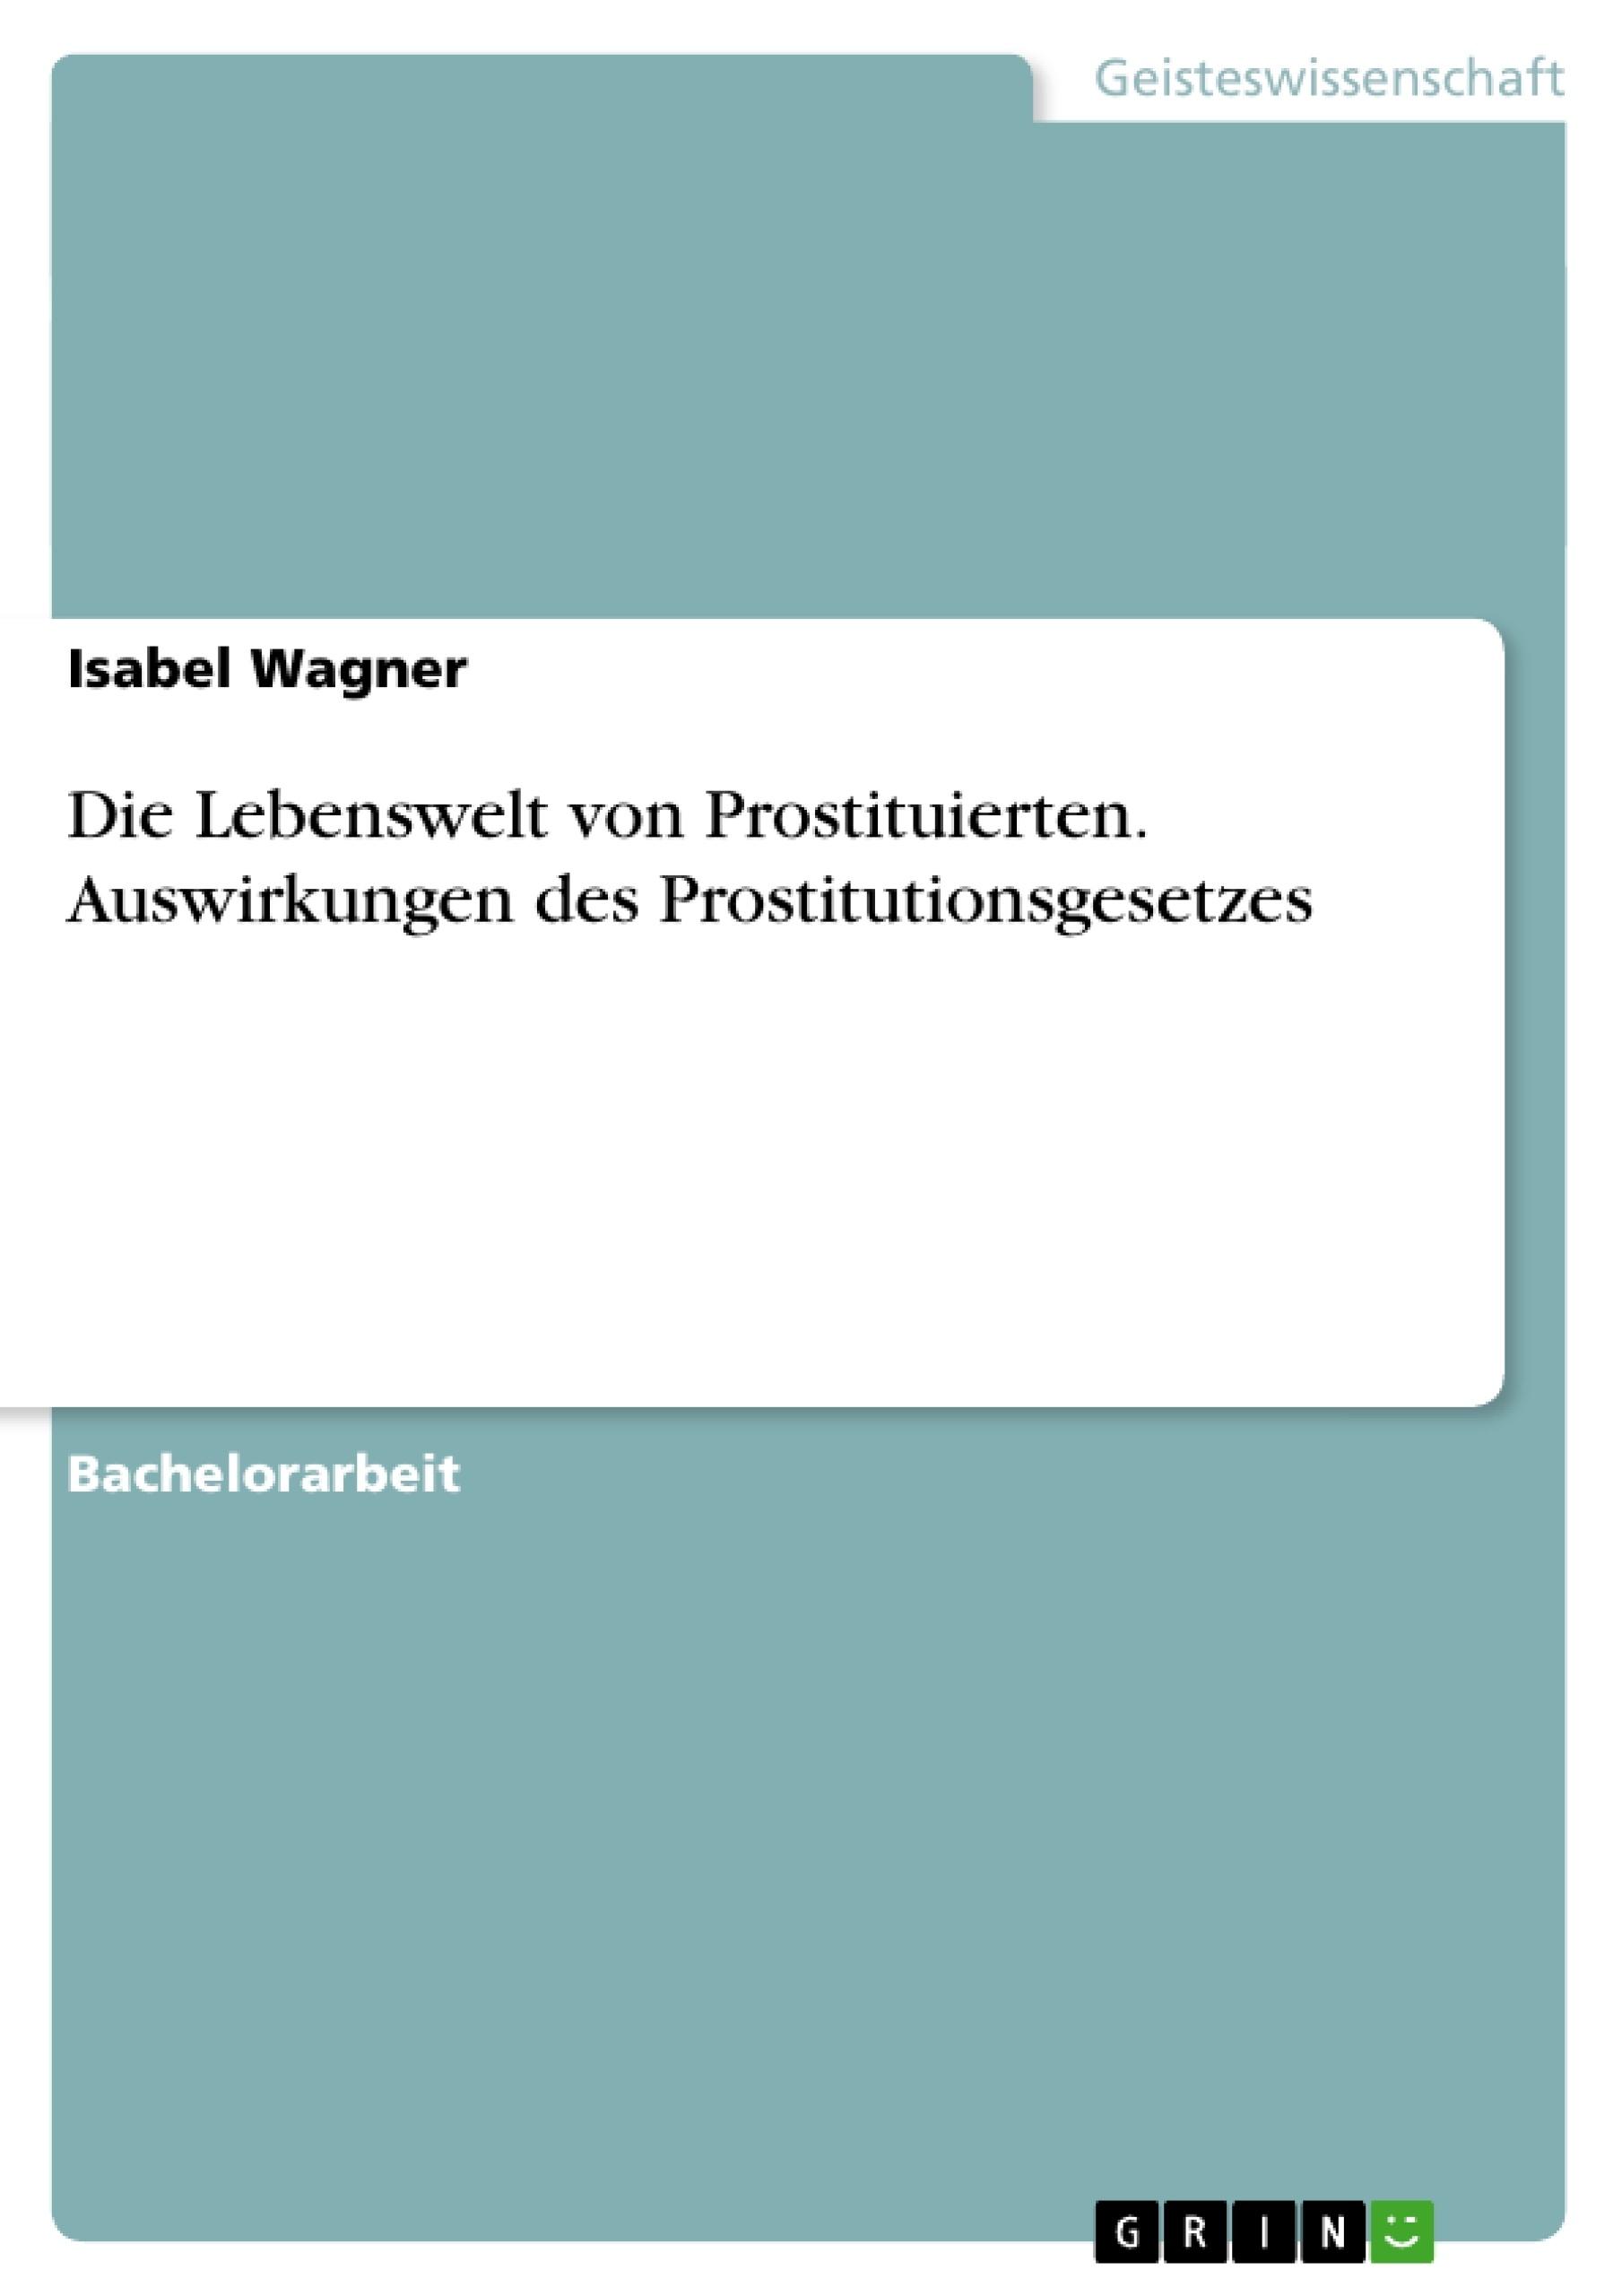 Titel: Die Lebenswelt von Prostituierten. Auswirkungen des Prostitutionsgesetzes